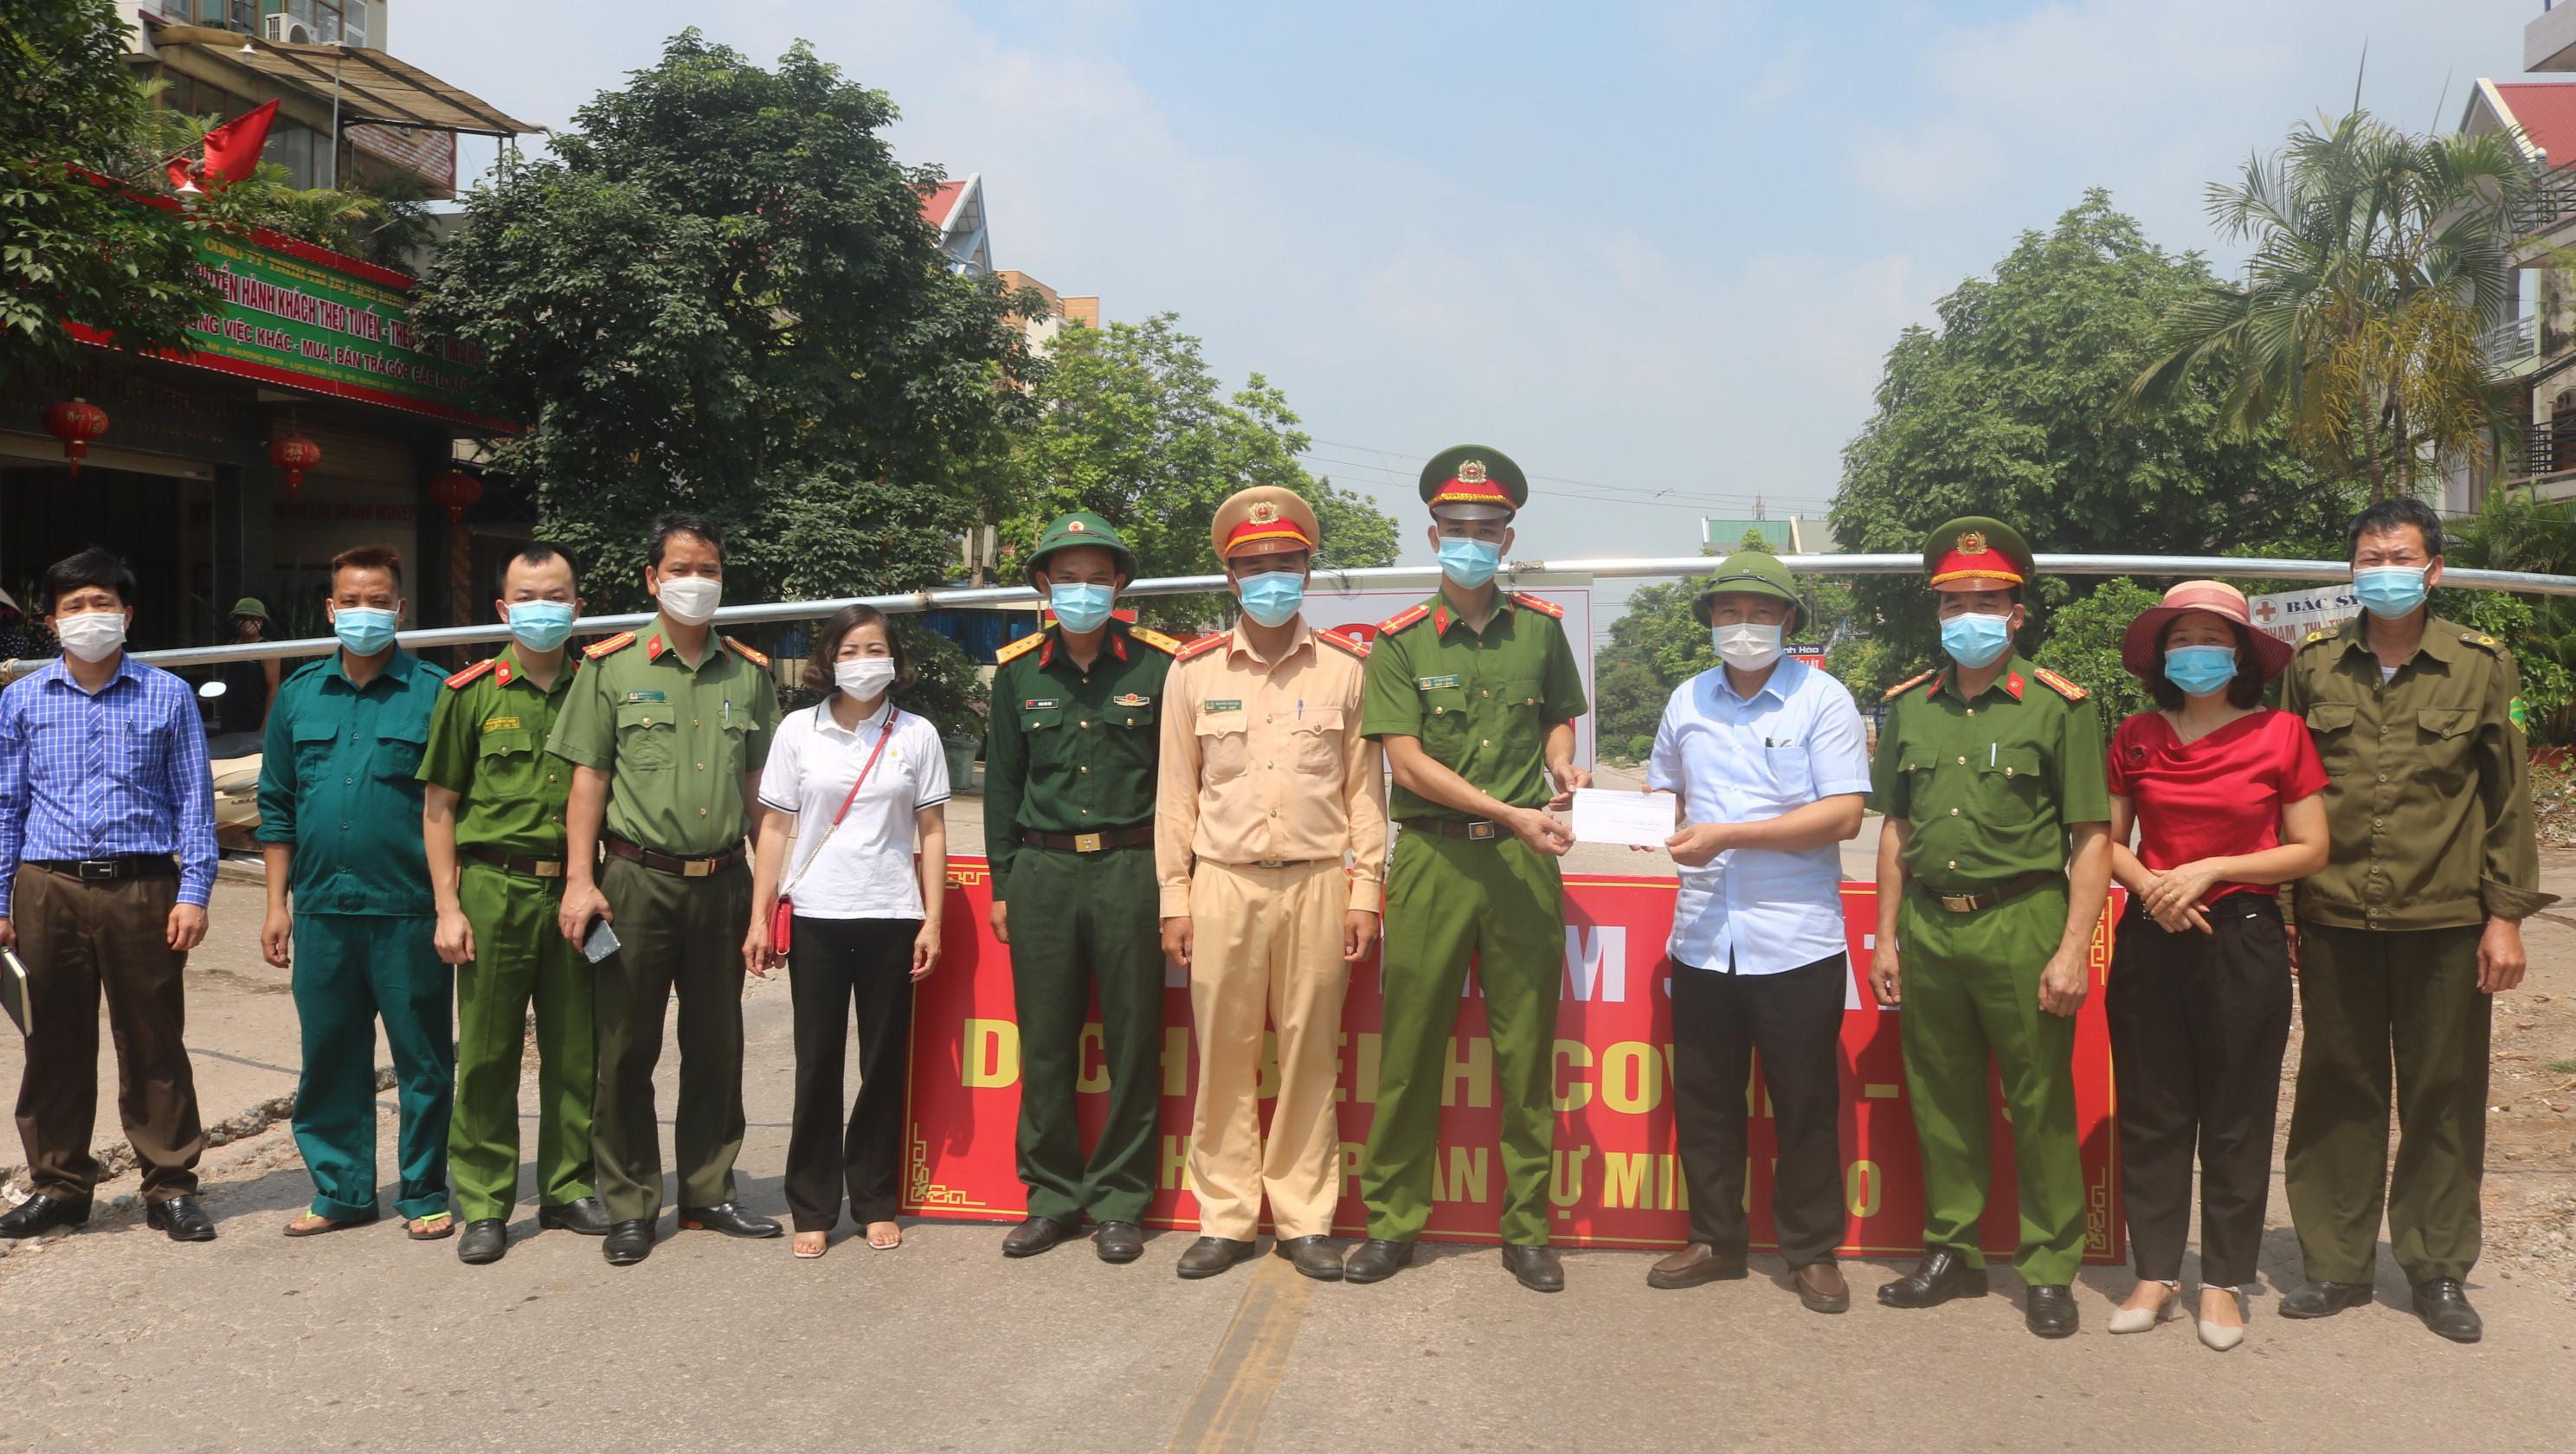 Bắc Giang giãn cách xã hội huyện Lục Nam với hơn 200.000 dân